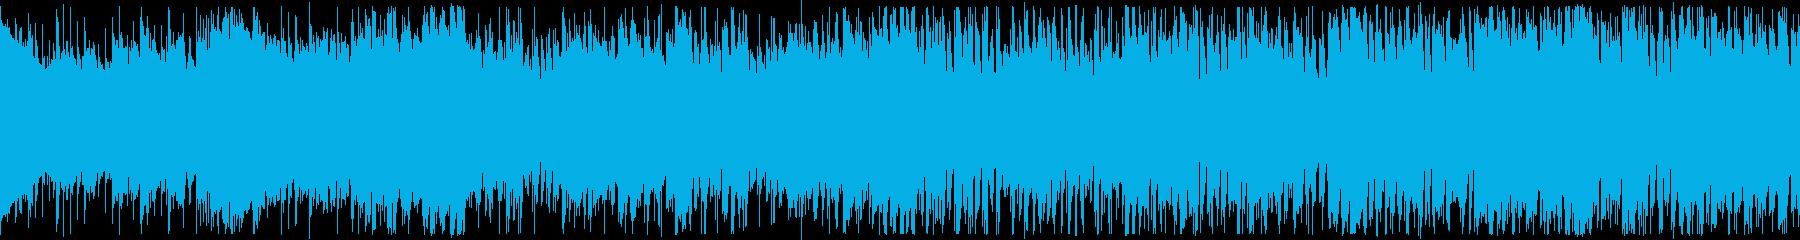 ループ/明るい散歩道風ポップスの再生済みの波形